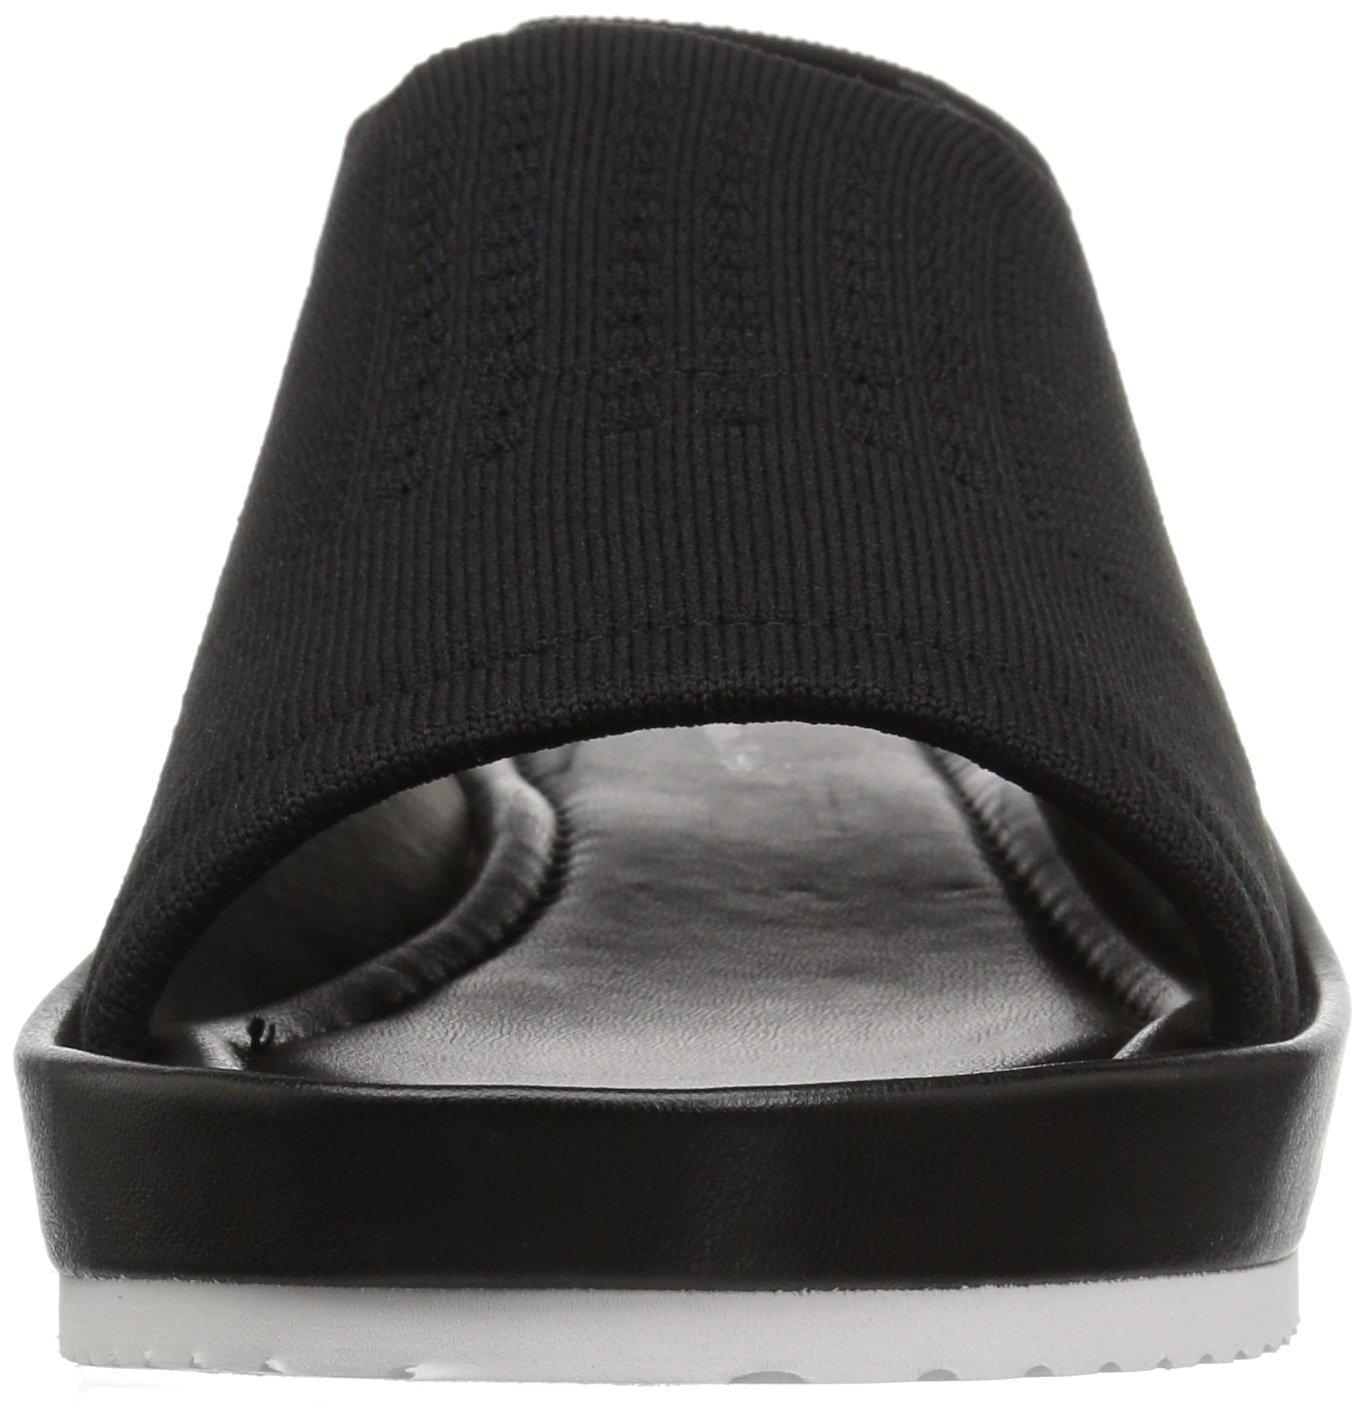 Calvin Klein Women's Hennie Flat Sandal B01M2CC1WH 8.5 B(M) US|Black